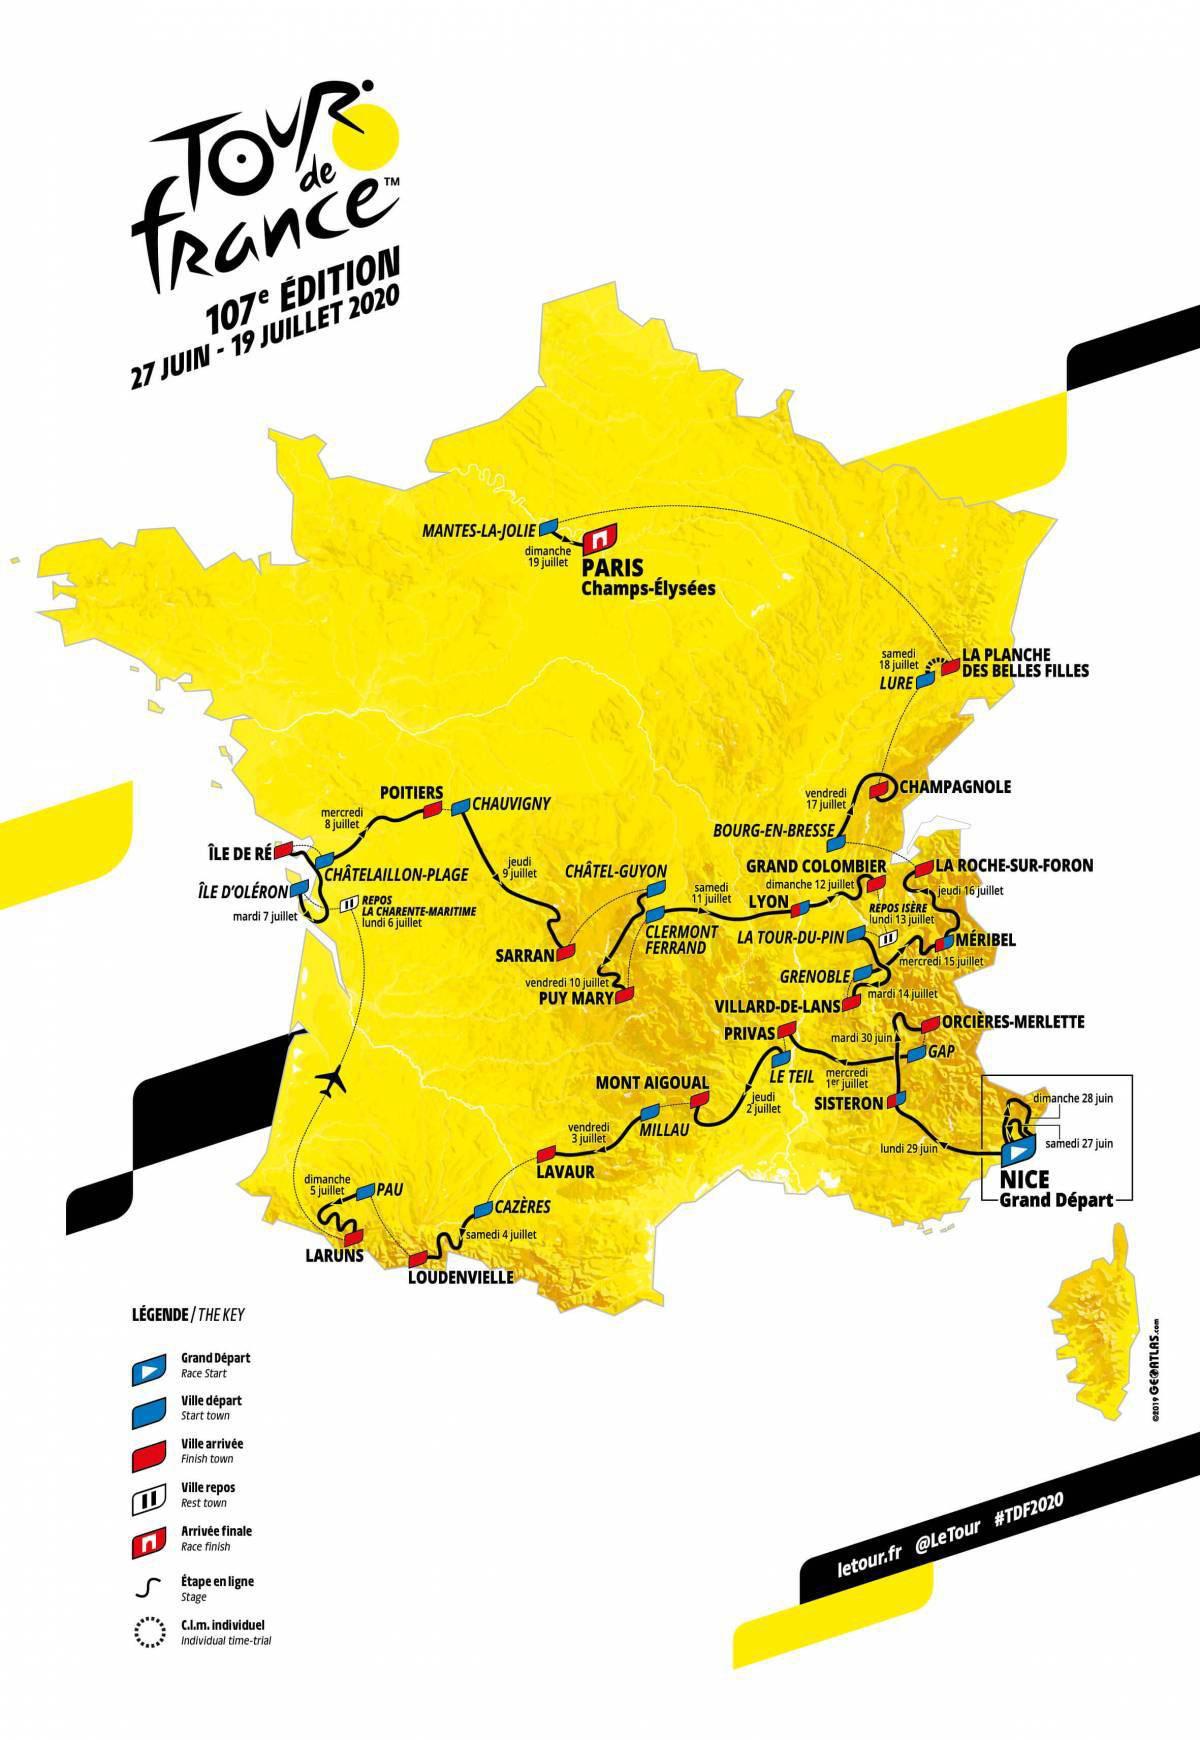 Il percorso del Tour de France 2020